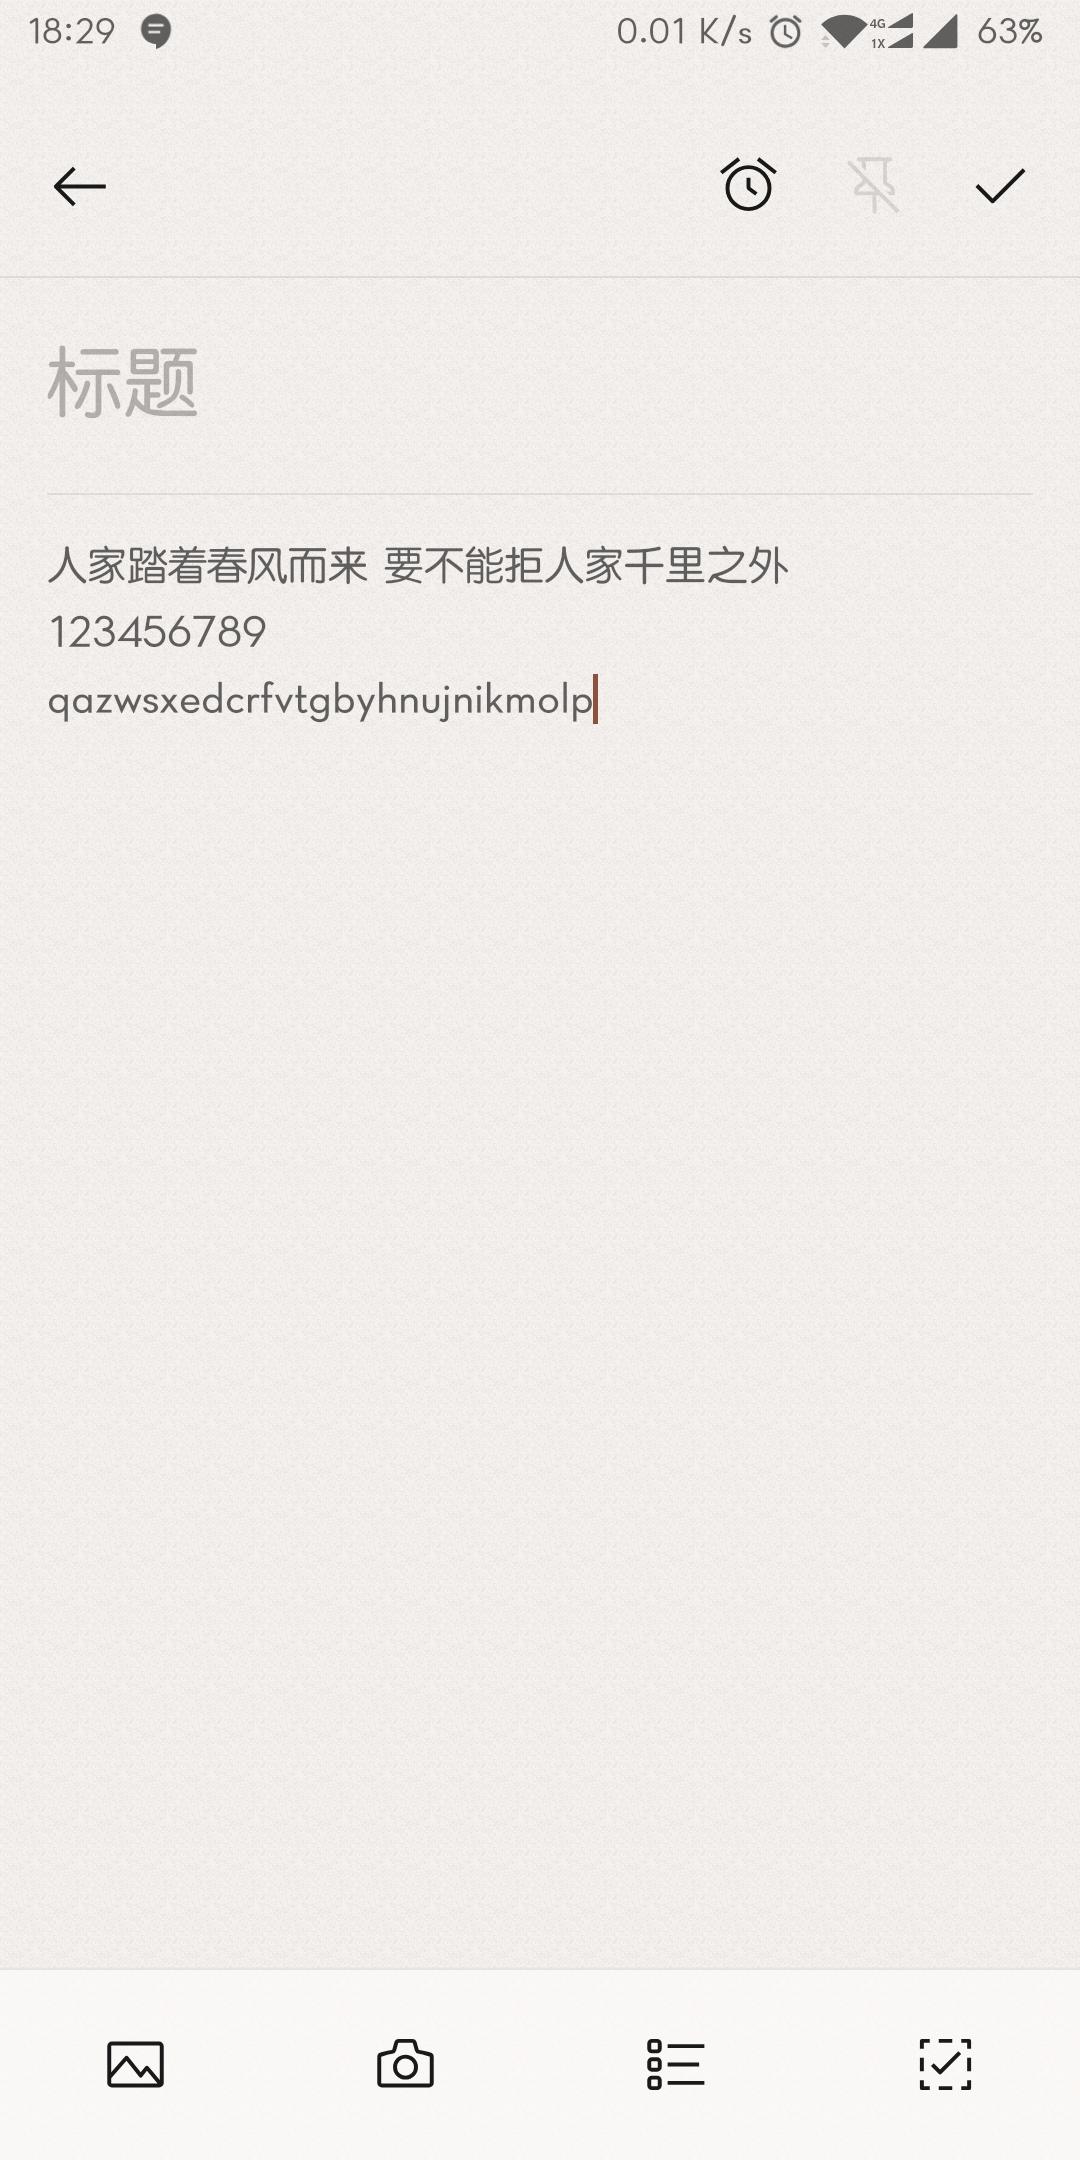 Screenshot_20190213-182935.jpg